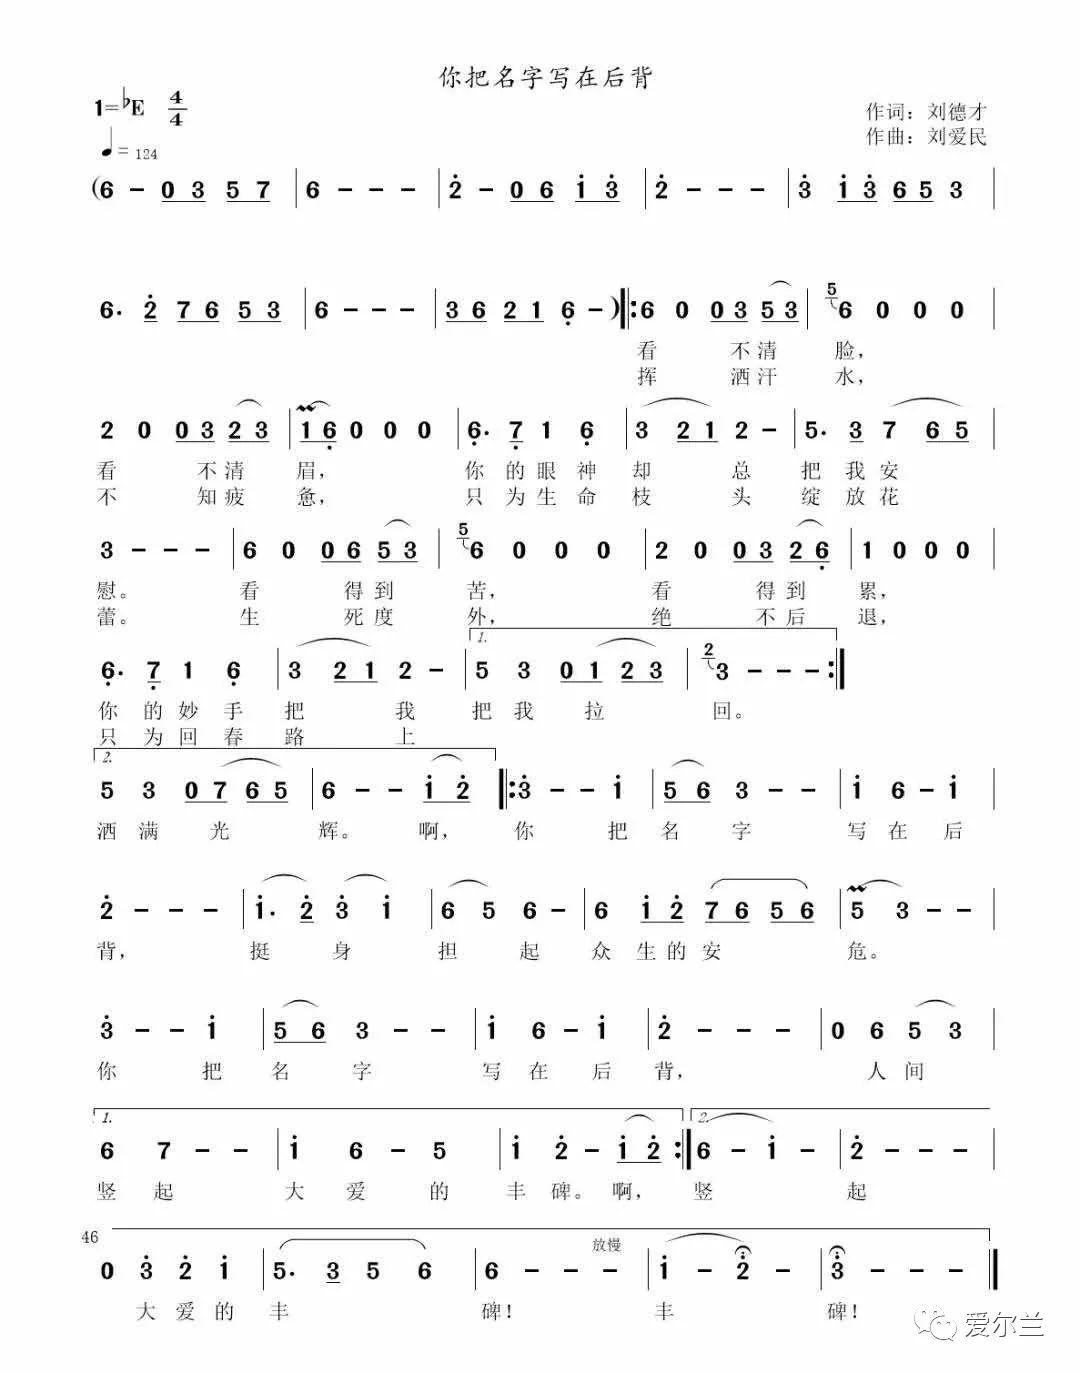 抗疫歌曲谱子_光遇歌曲谱子